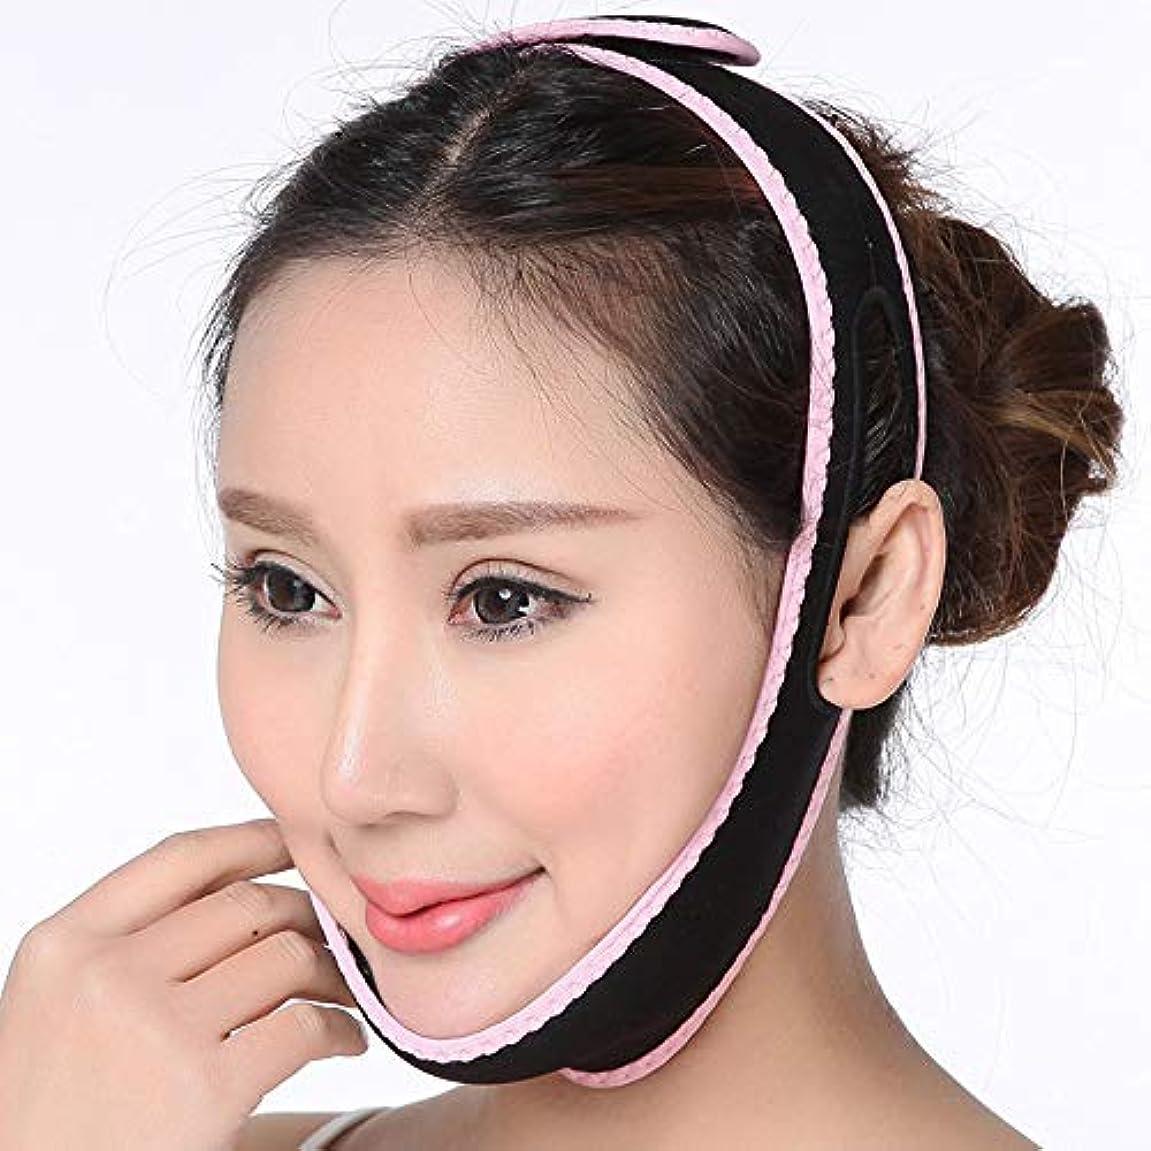 に対応する年金受給者天才顔面持ち上げ器具、vフェイス、顔持ち上げ包帯、ハーフパッケージマスク、持ち上げと締め付け、ユニセックス